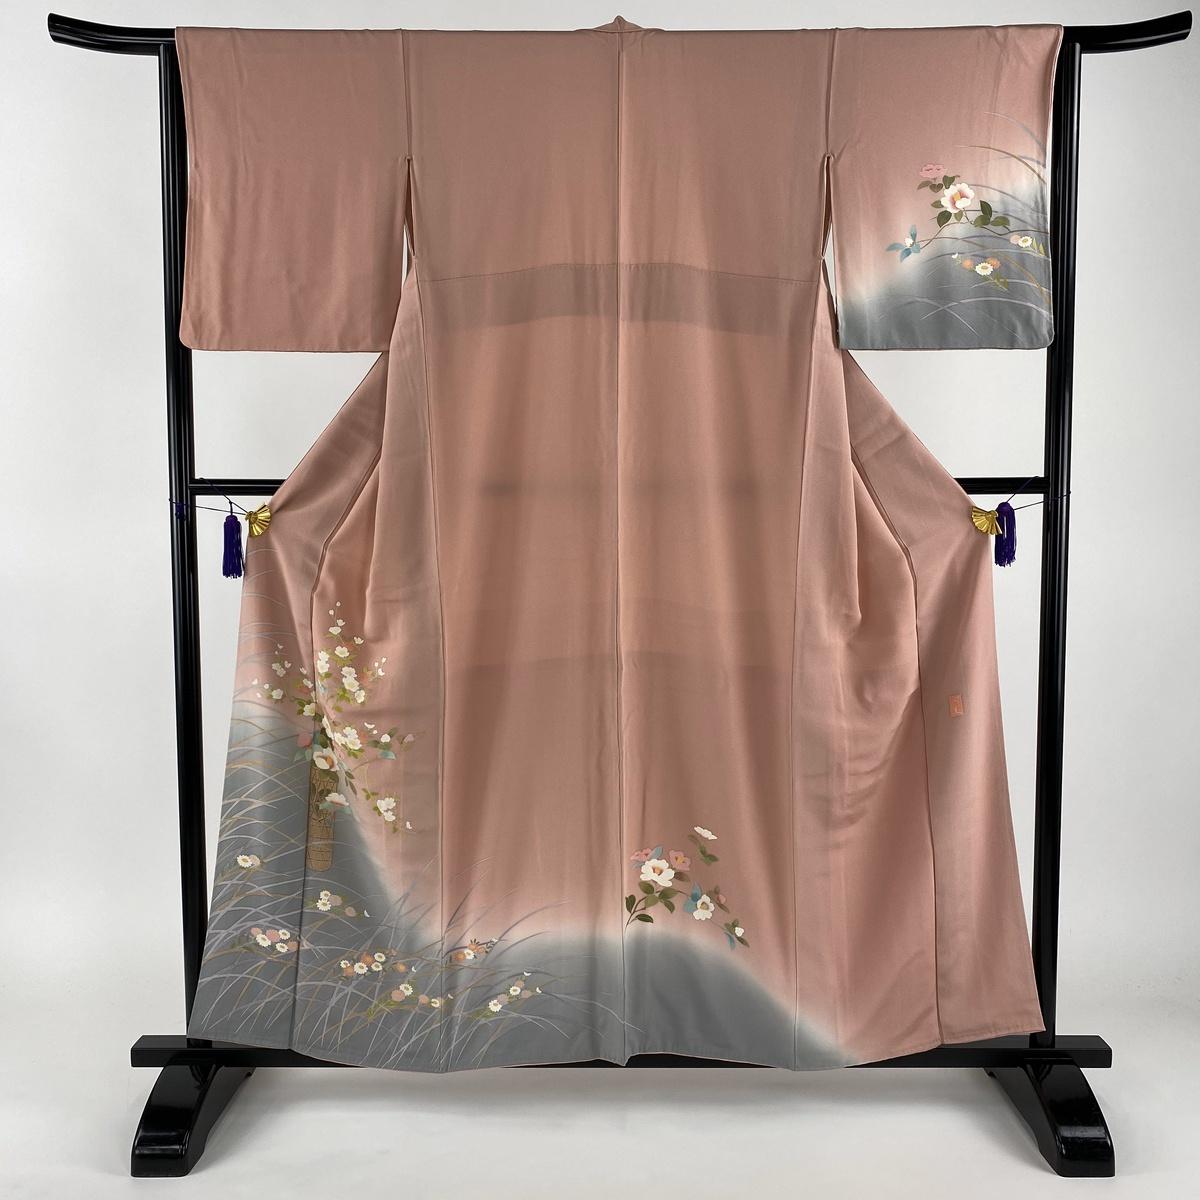 訪問着 美品 秀品 落款あり 花籠 芝 染分け ピンク 袷 身丈157cm 裄丈63cm S 正絹 【中古】